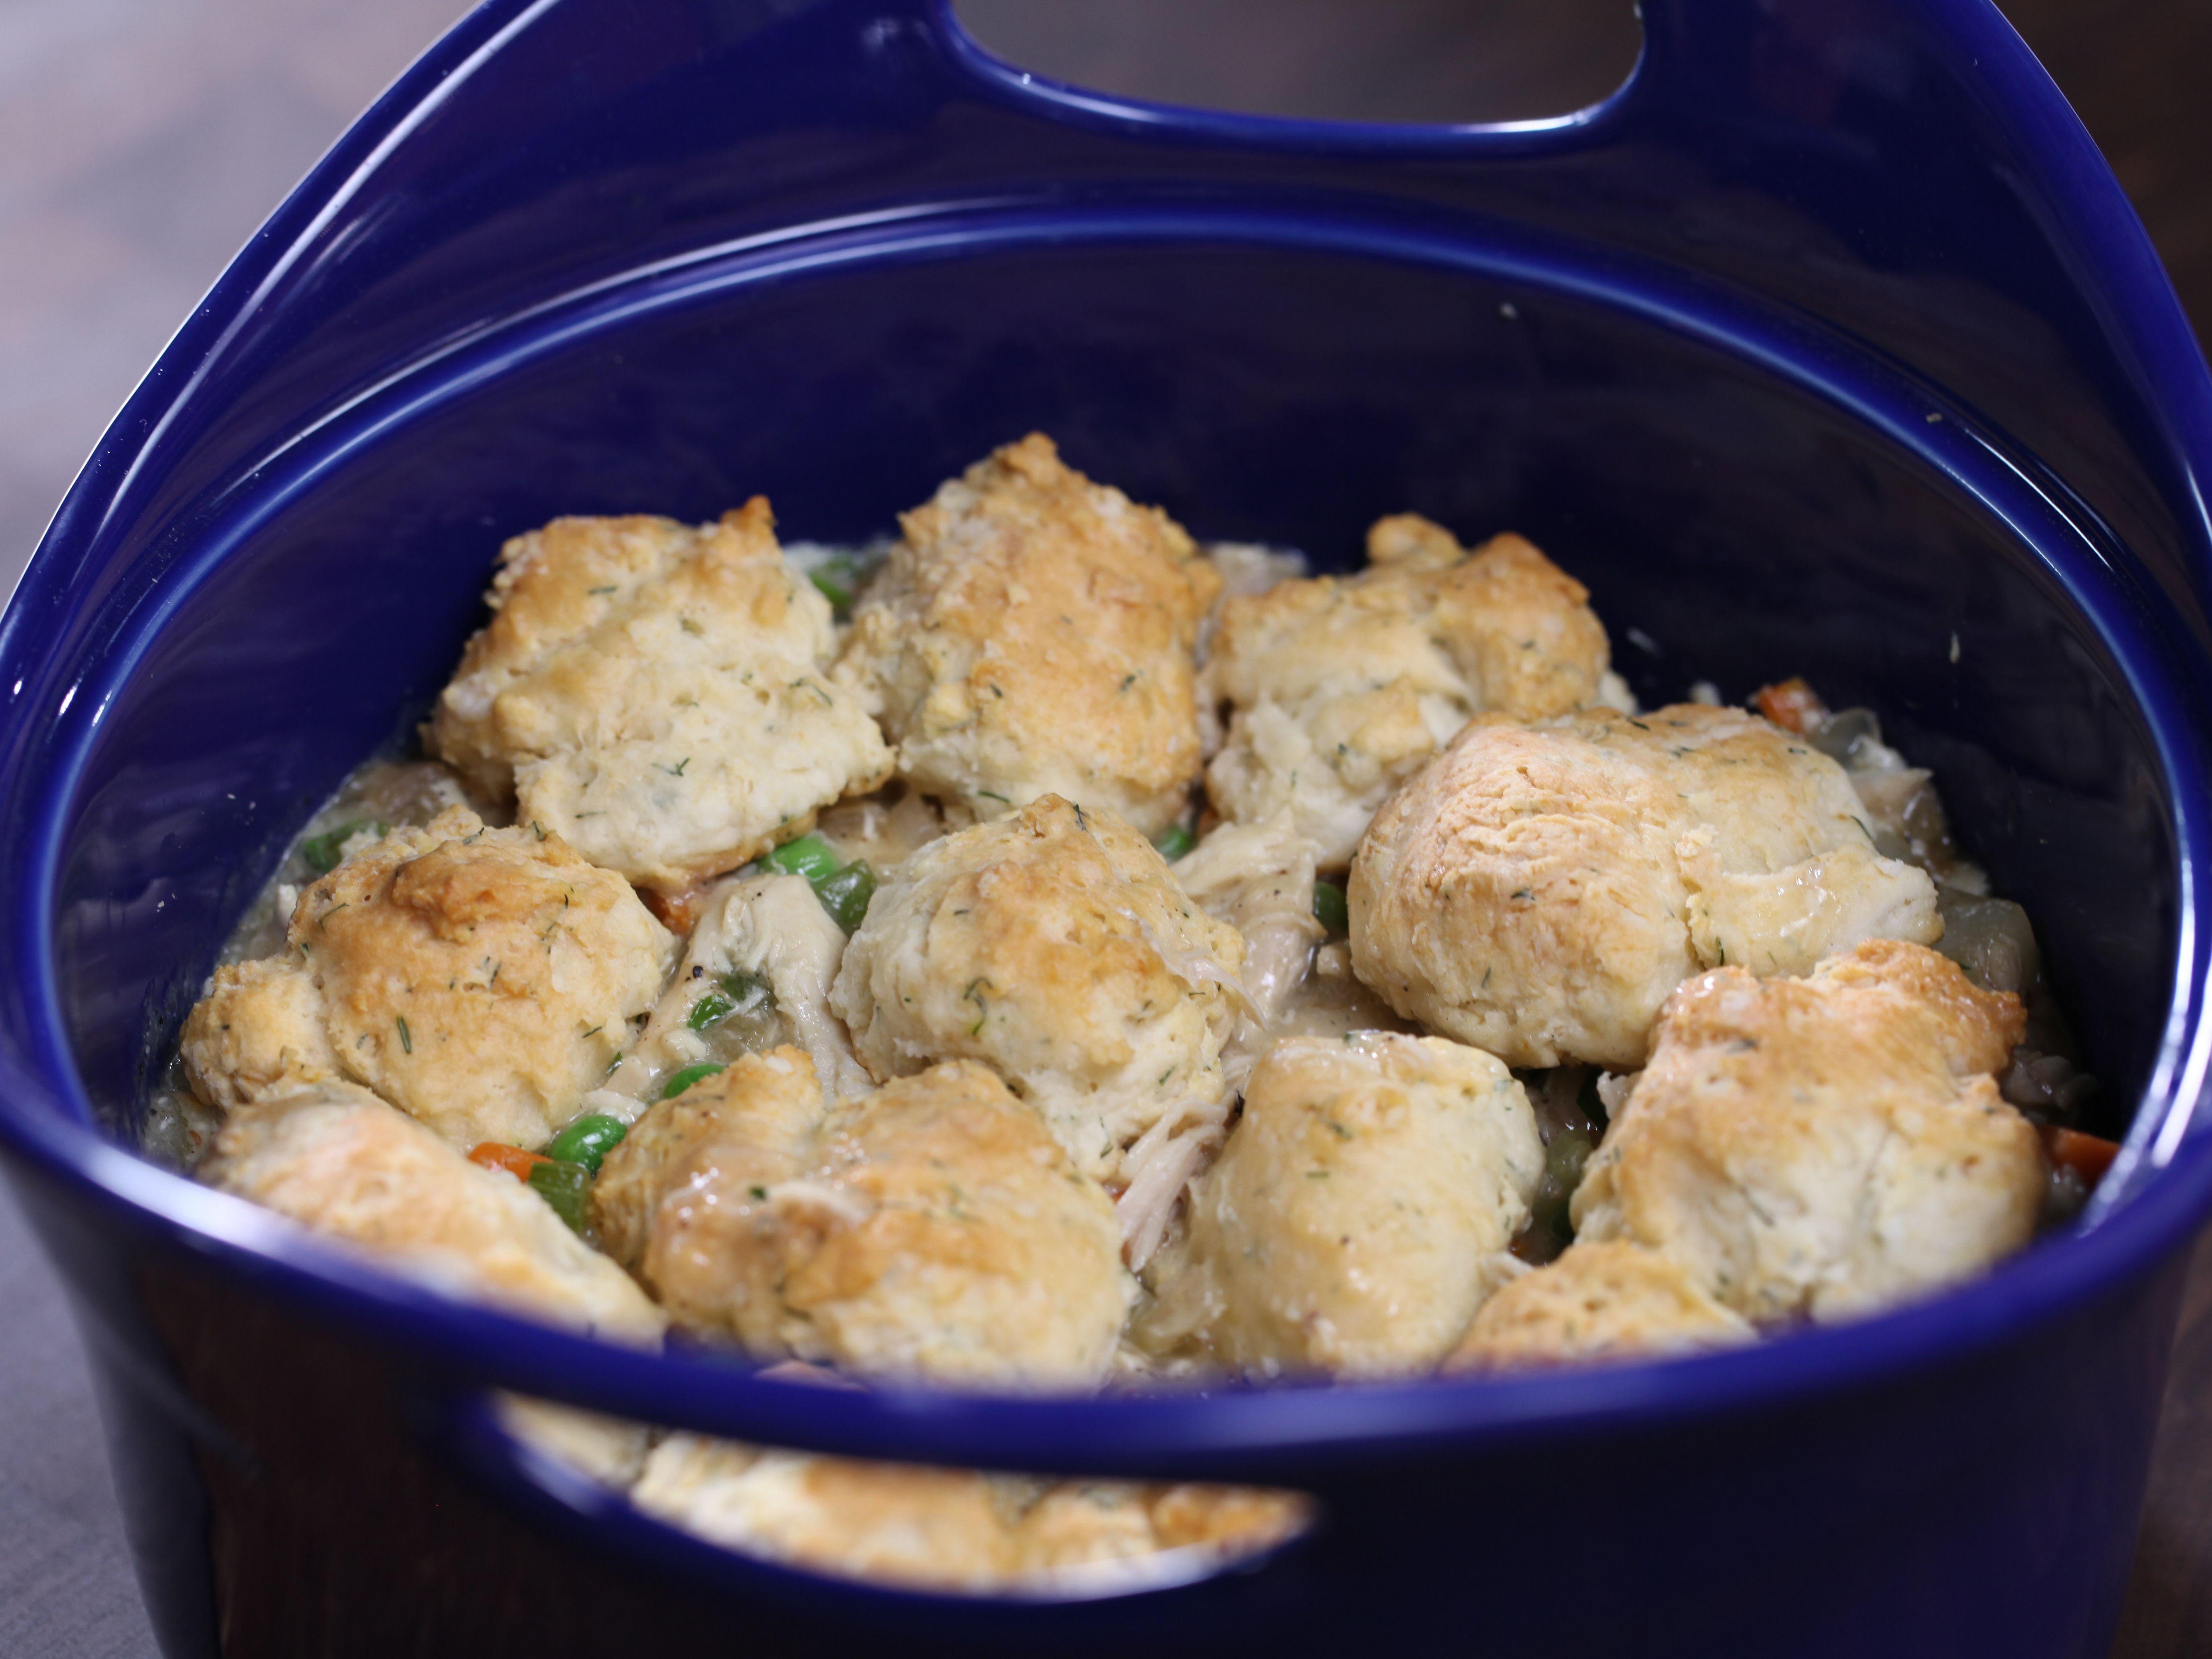 Drop biscuit chicken pot pie recipe biscuit chicken pot pie drop biscuit chicken pot pie recipe biscuit chicken pot pie drop biscuits and pot pies forumfinder Images